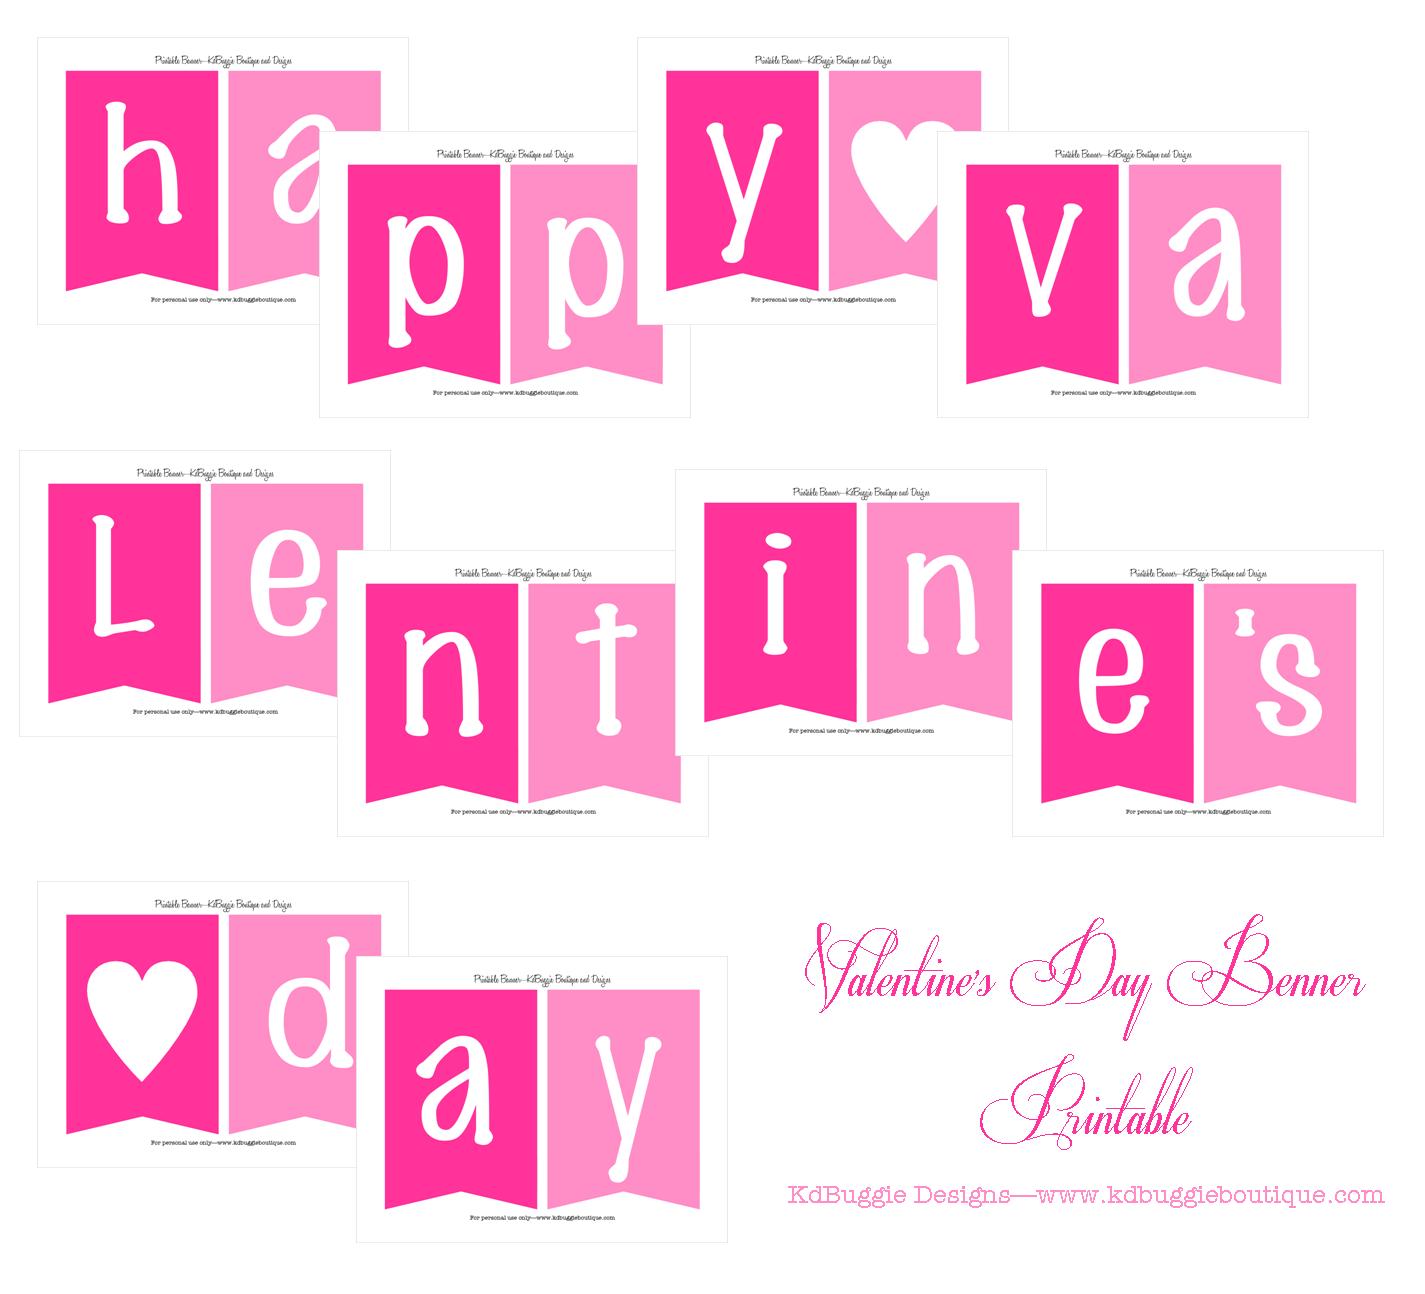 Kdbuggie Boutique Free Valentine S Day Banner Printable Valentine